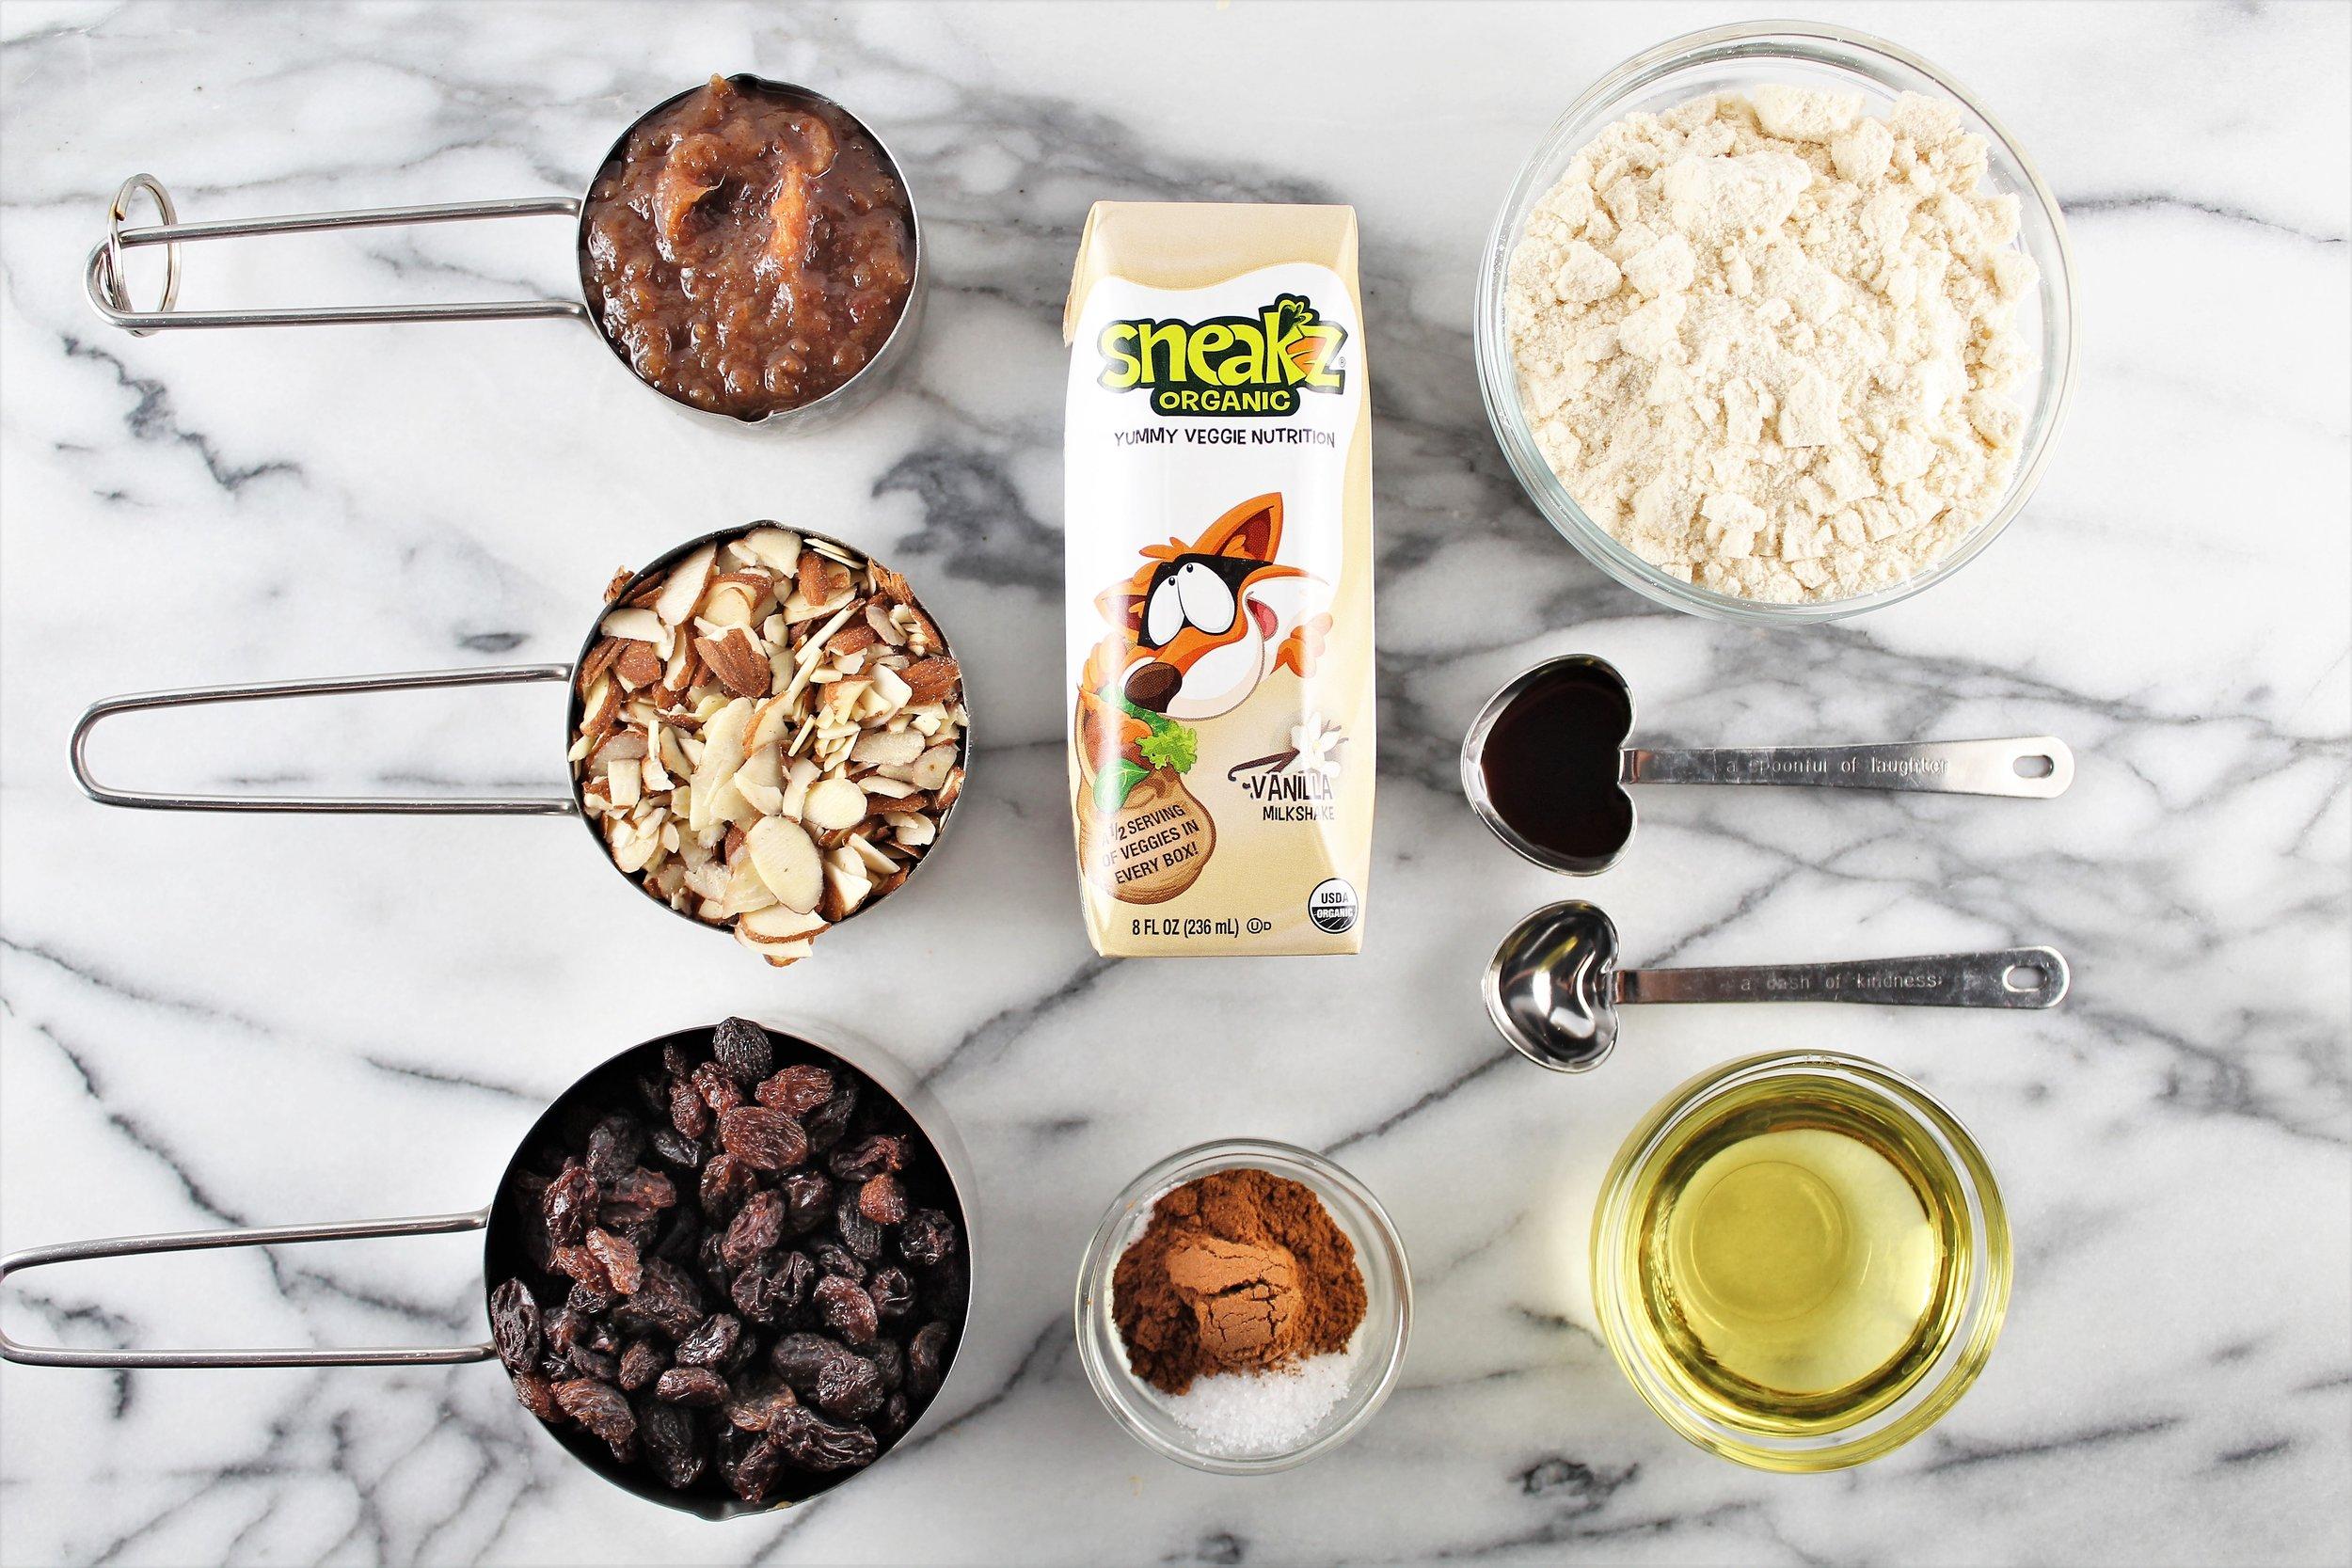 cinnamon raisin crumble bars